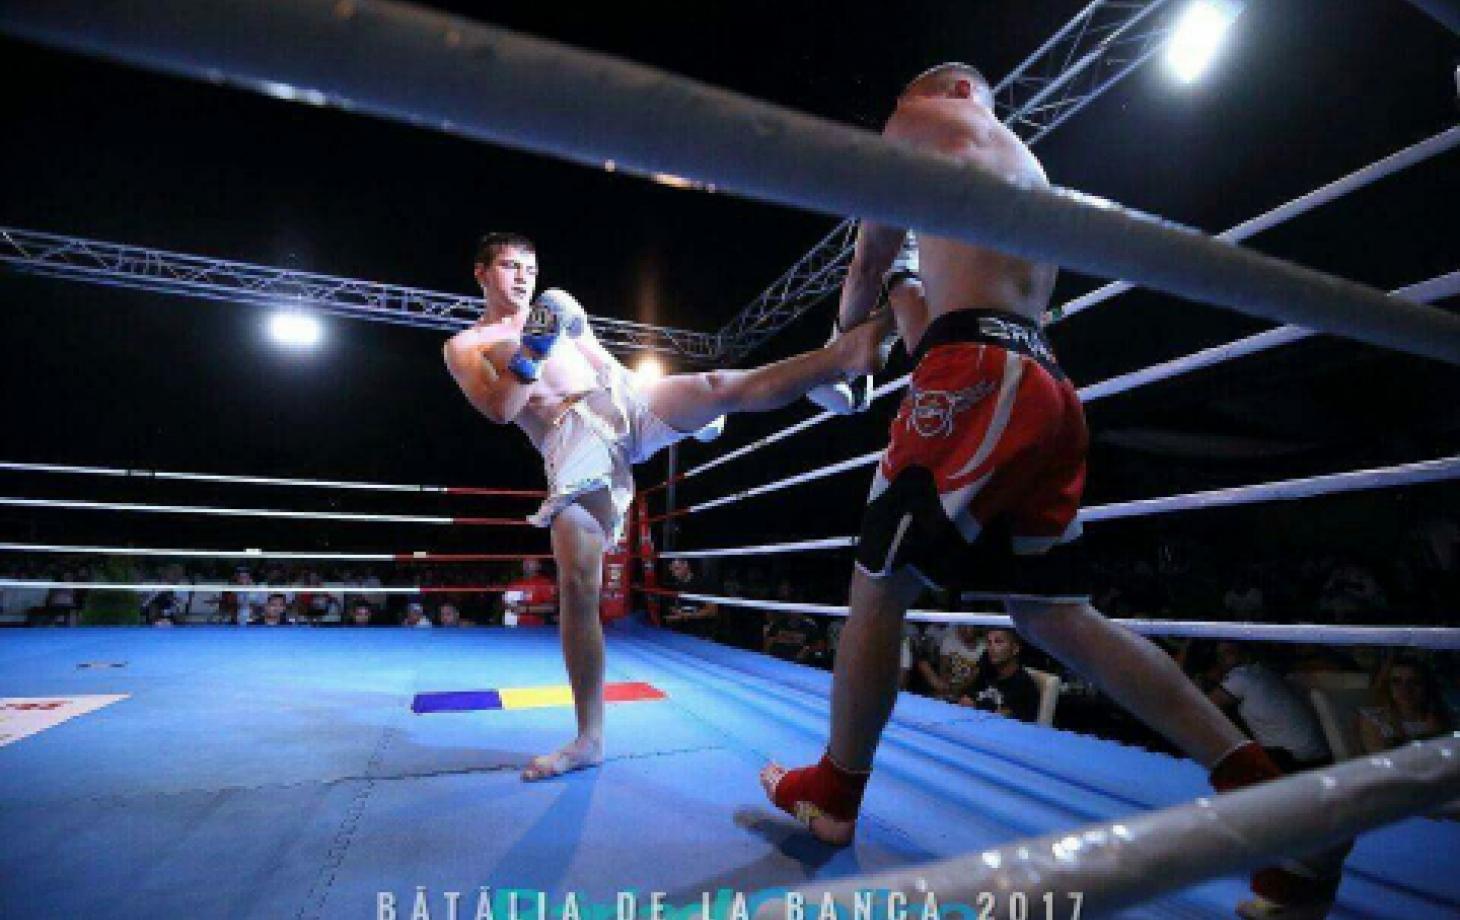 Николай Пируцкий (в белых шортах) наносит удар сопернику.